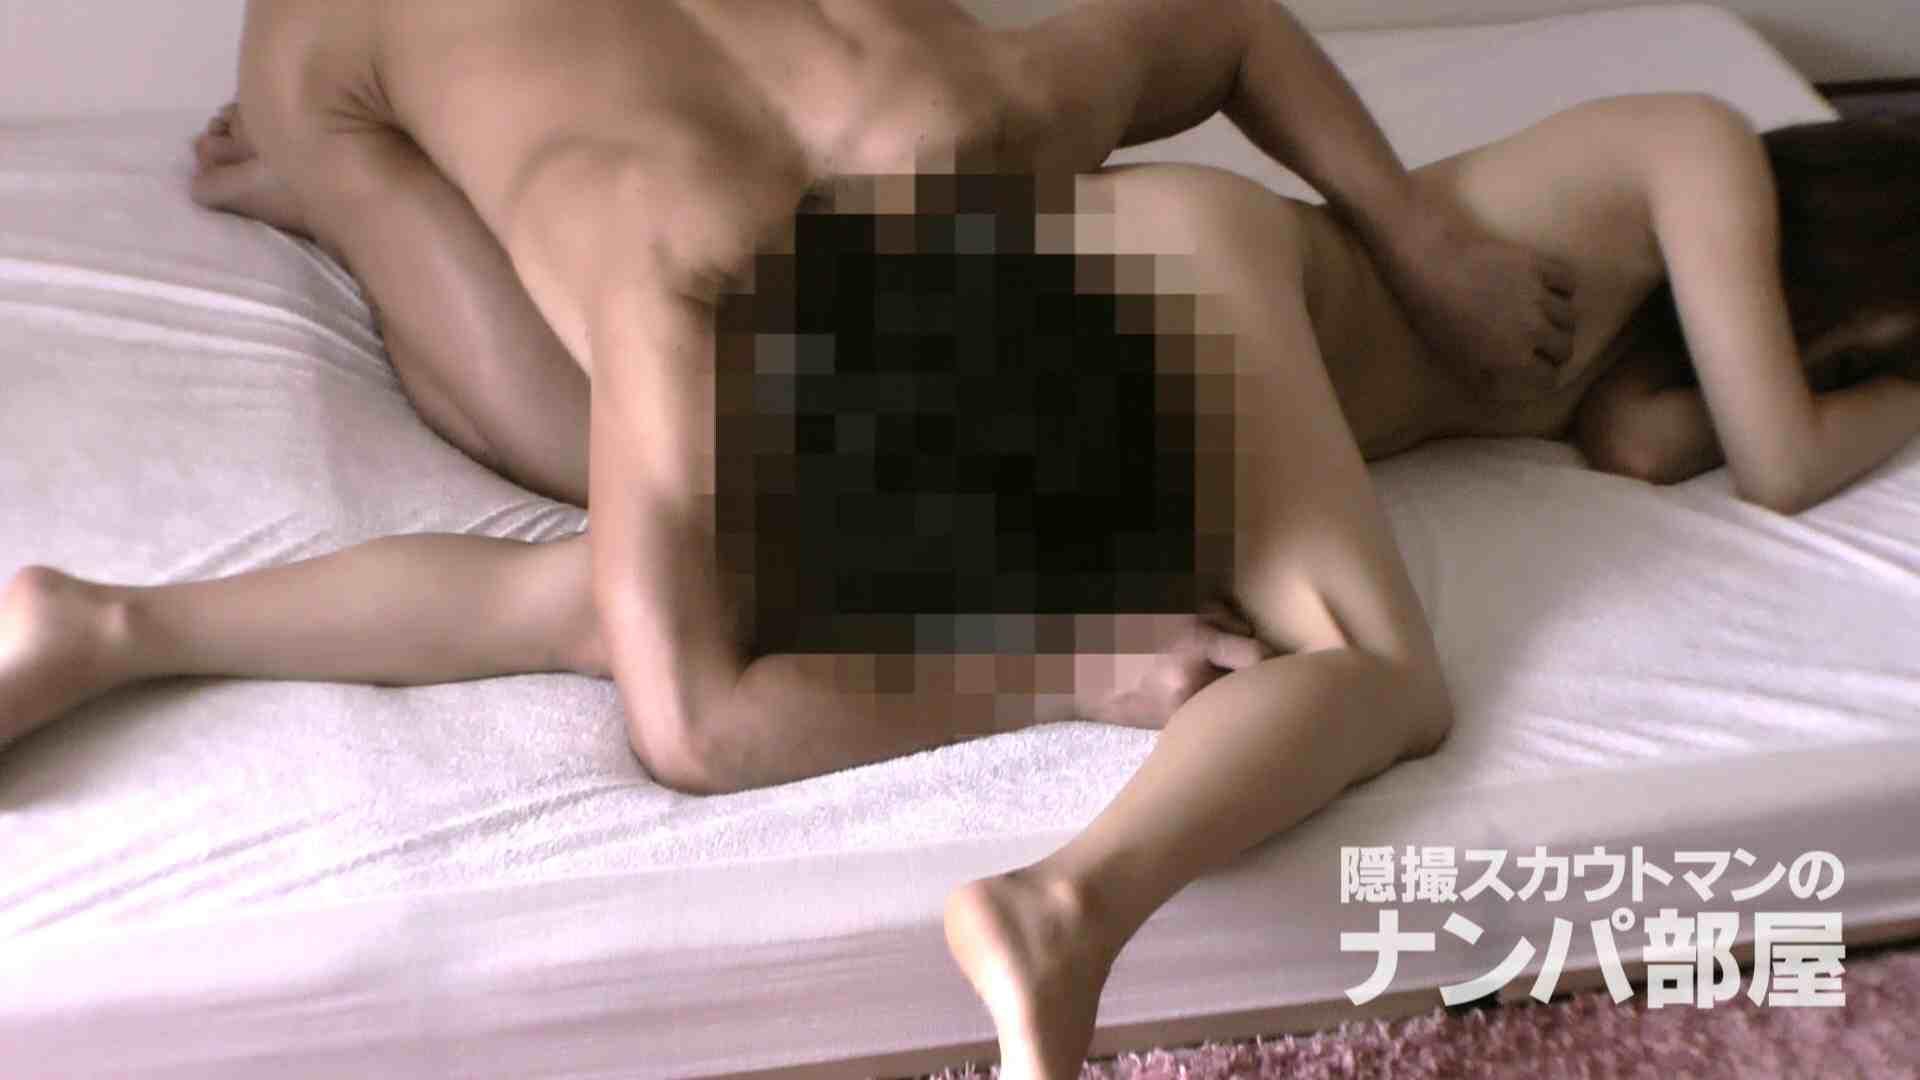 隠撮スカウトマンのナンパ部屋~風俗デビュー前のつまみ食い~ siivol.4 ナンパ実況 | 隠撮  10pic 6